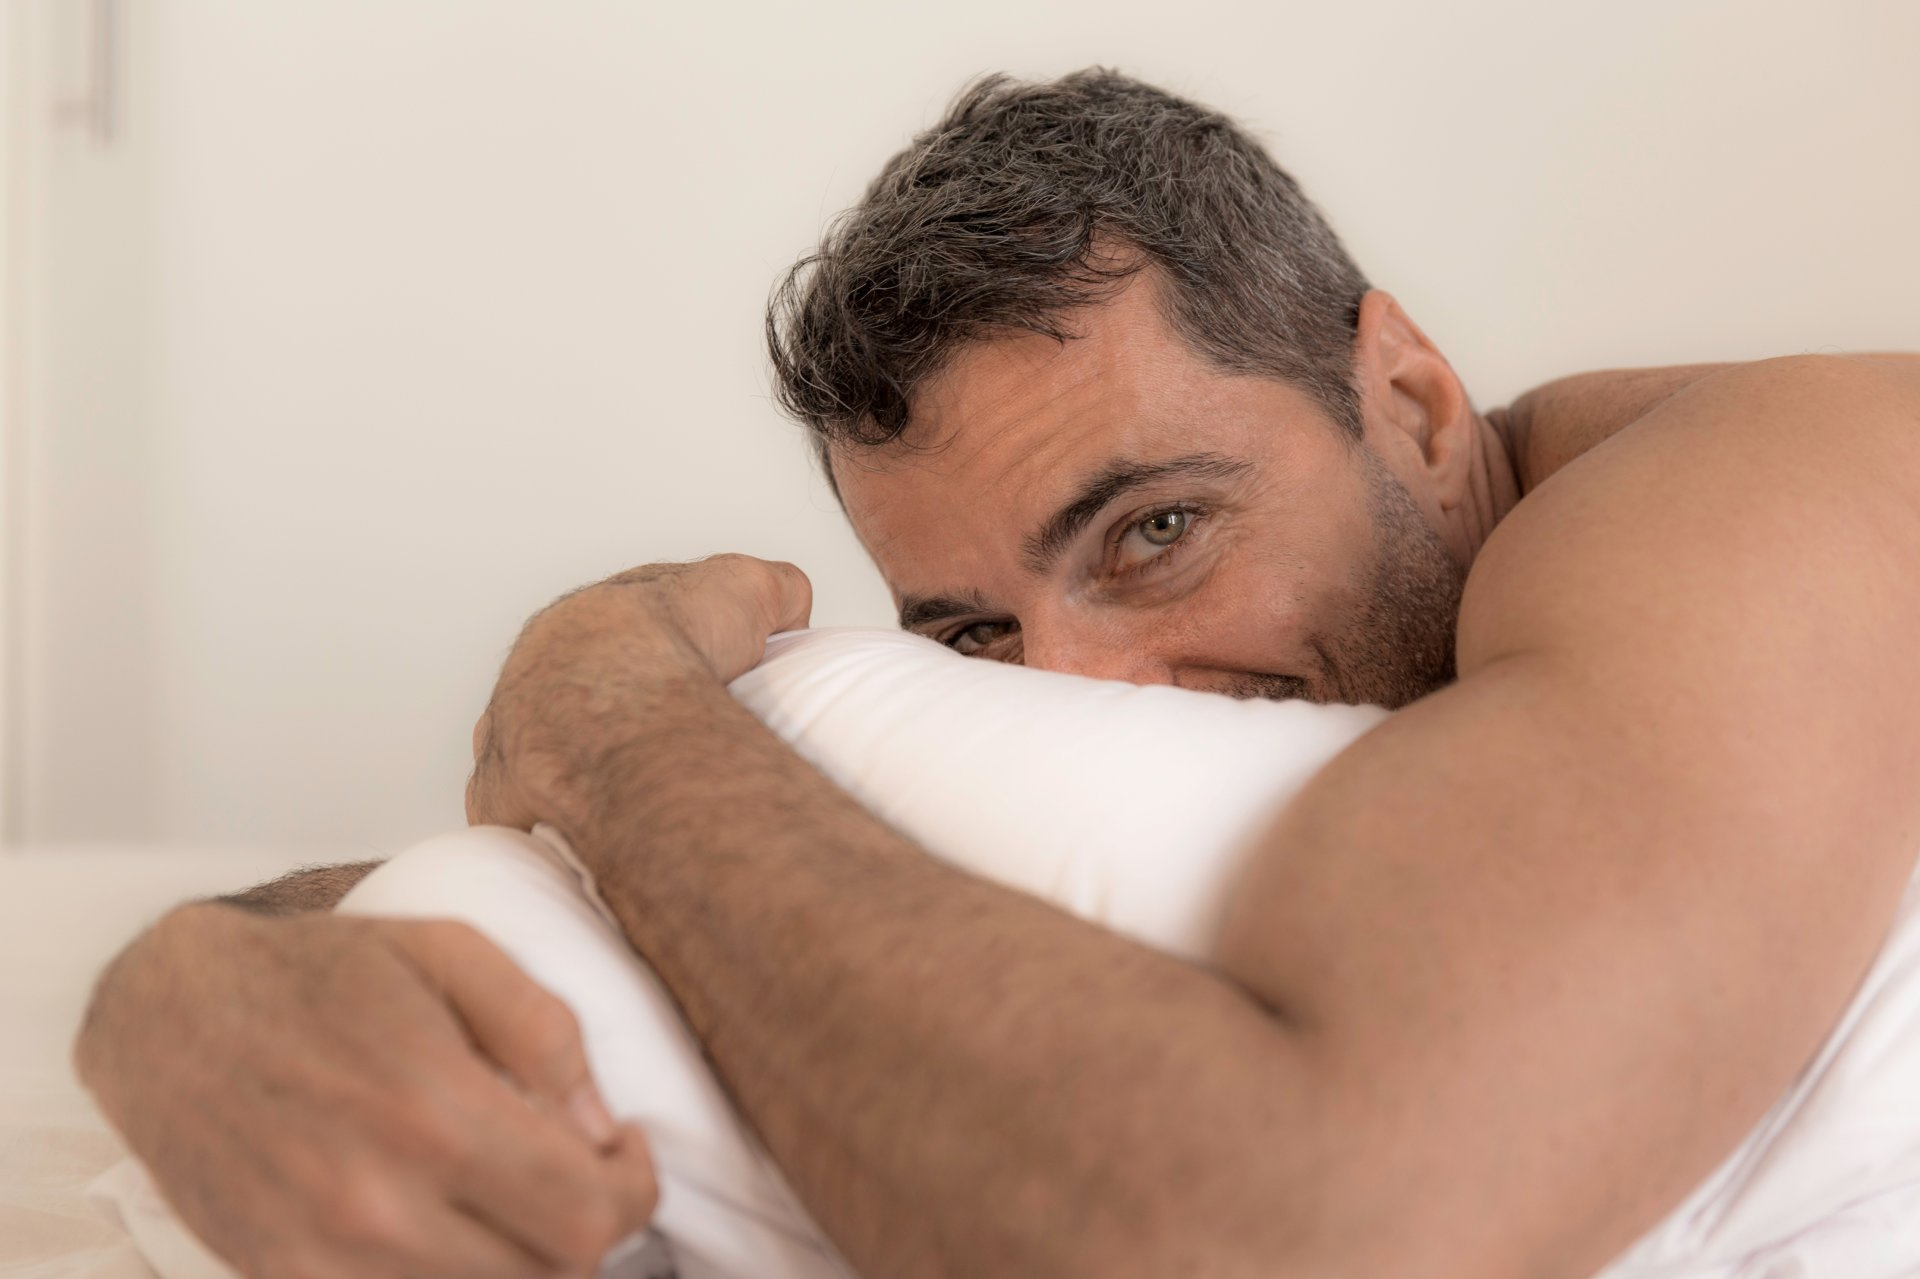 yra erekcija reikalinga ryte ar galima nustatyti pirstu nario dydi